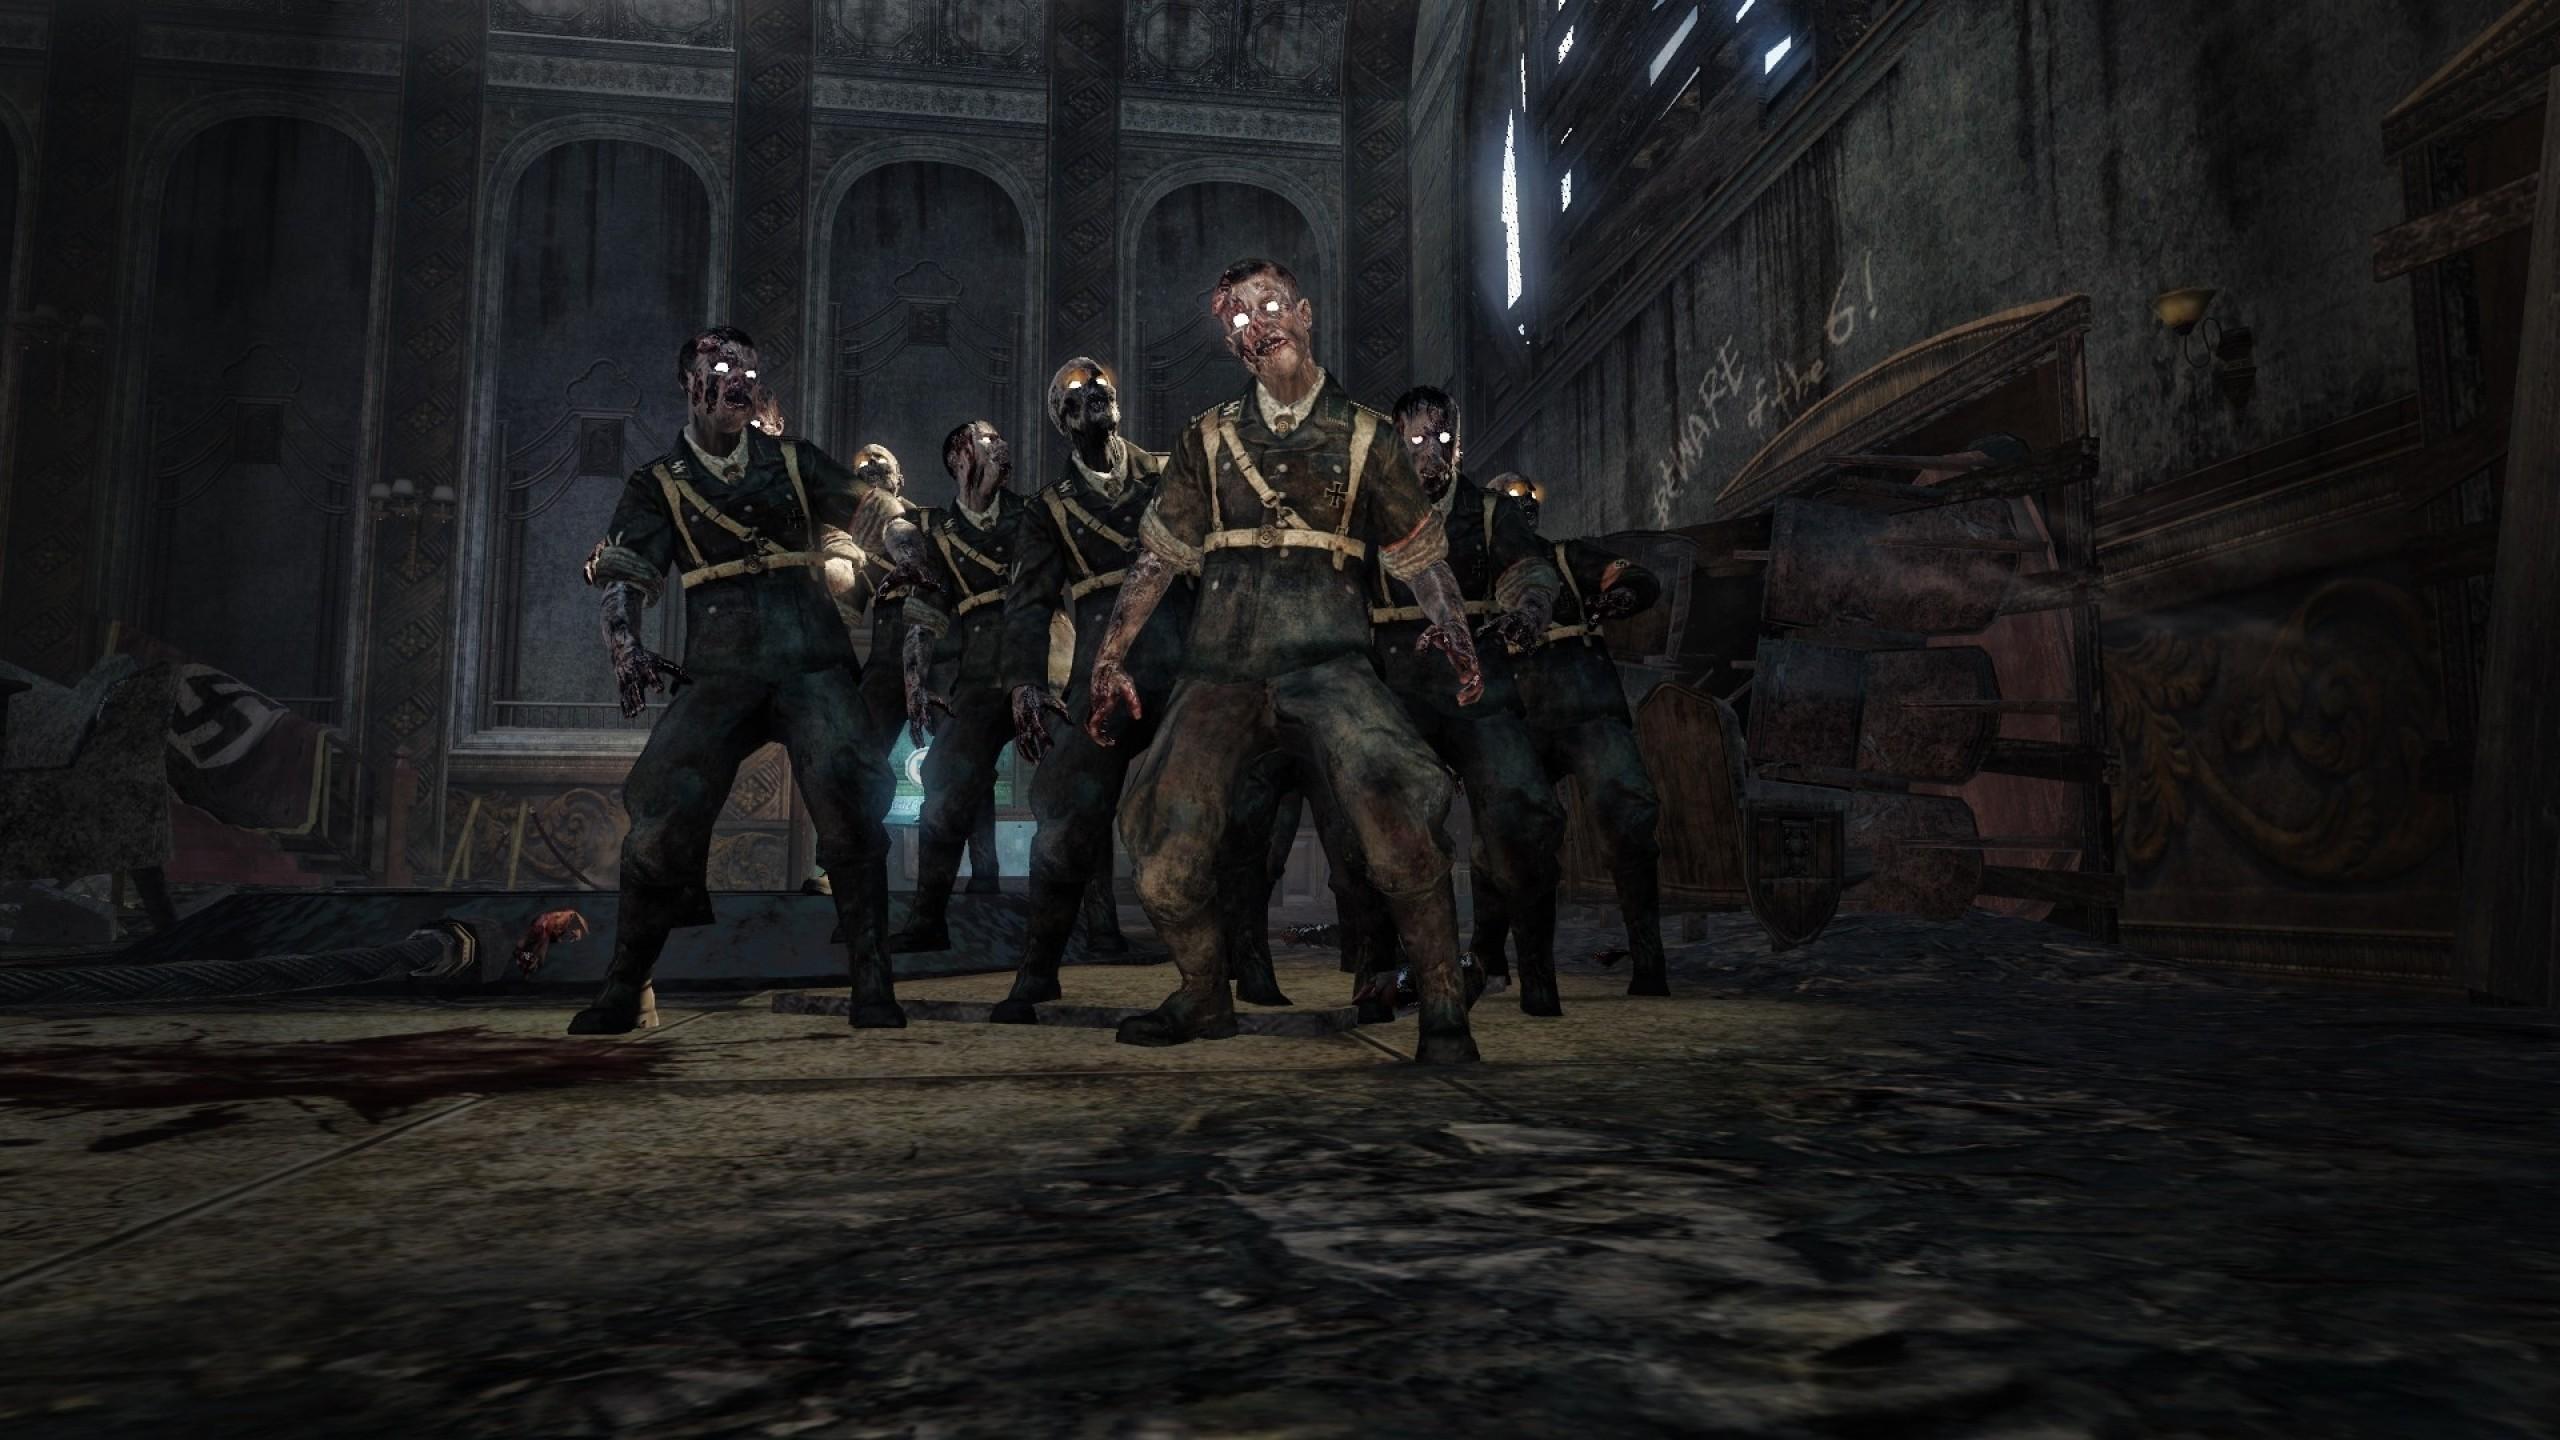 black ops pics Call Of Duty Black Ops Wallpaper COD